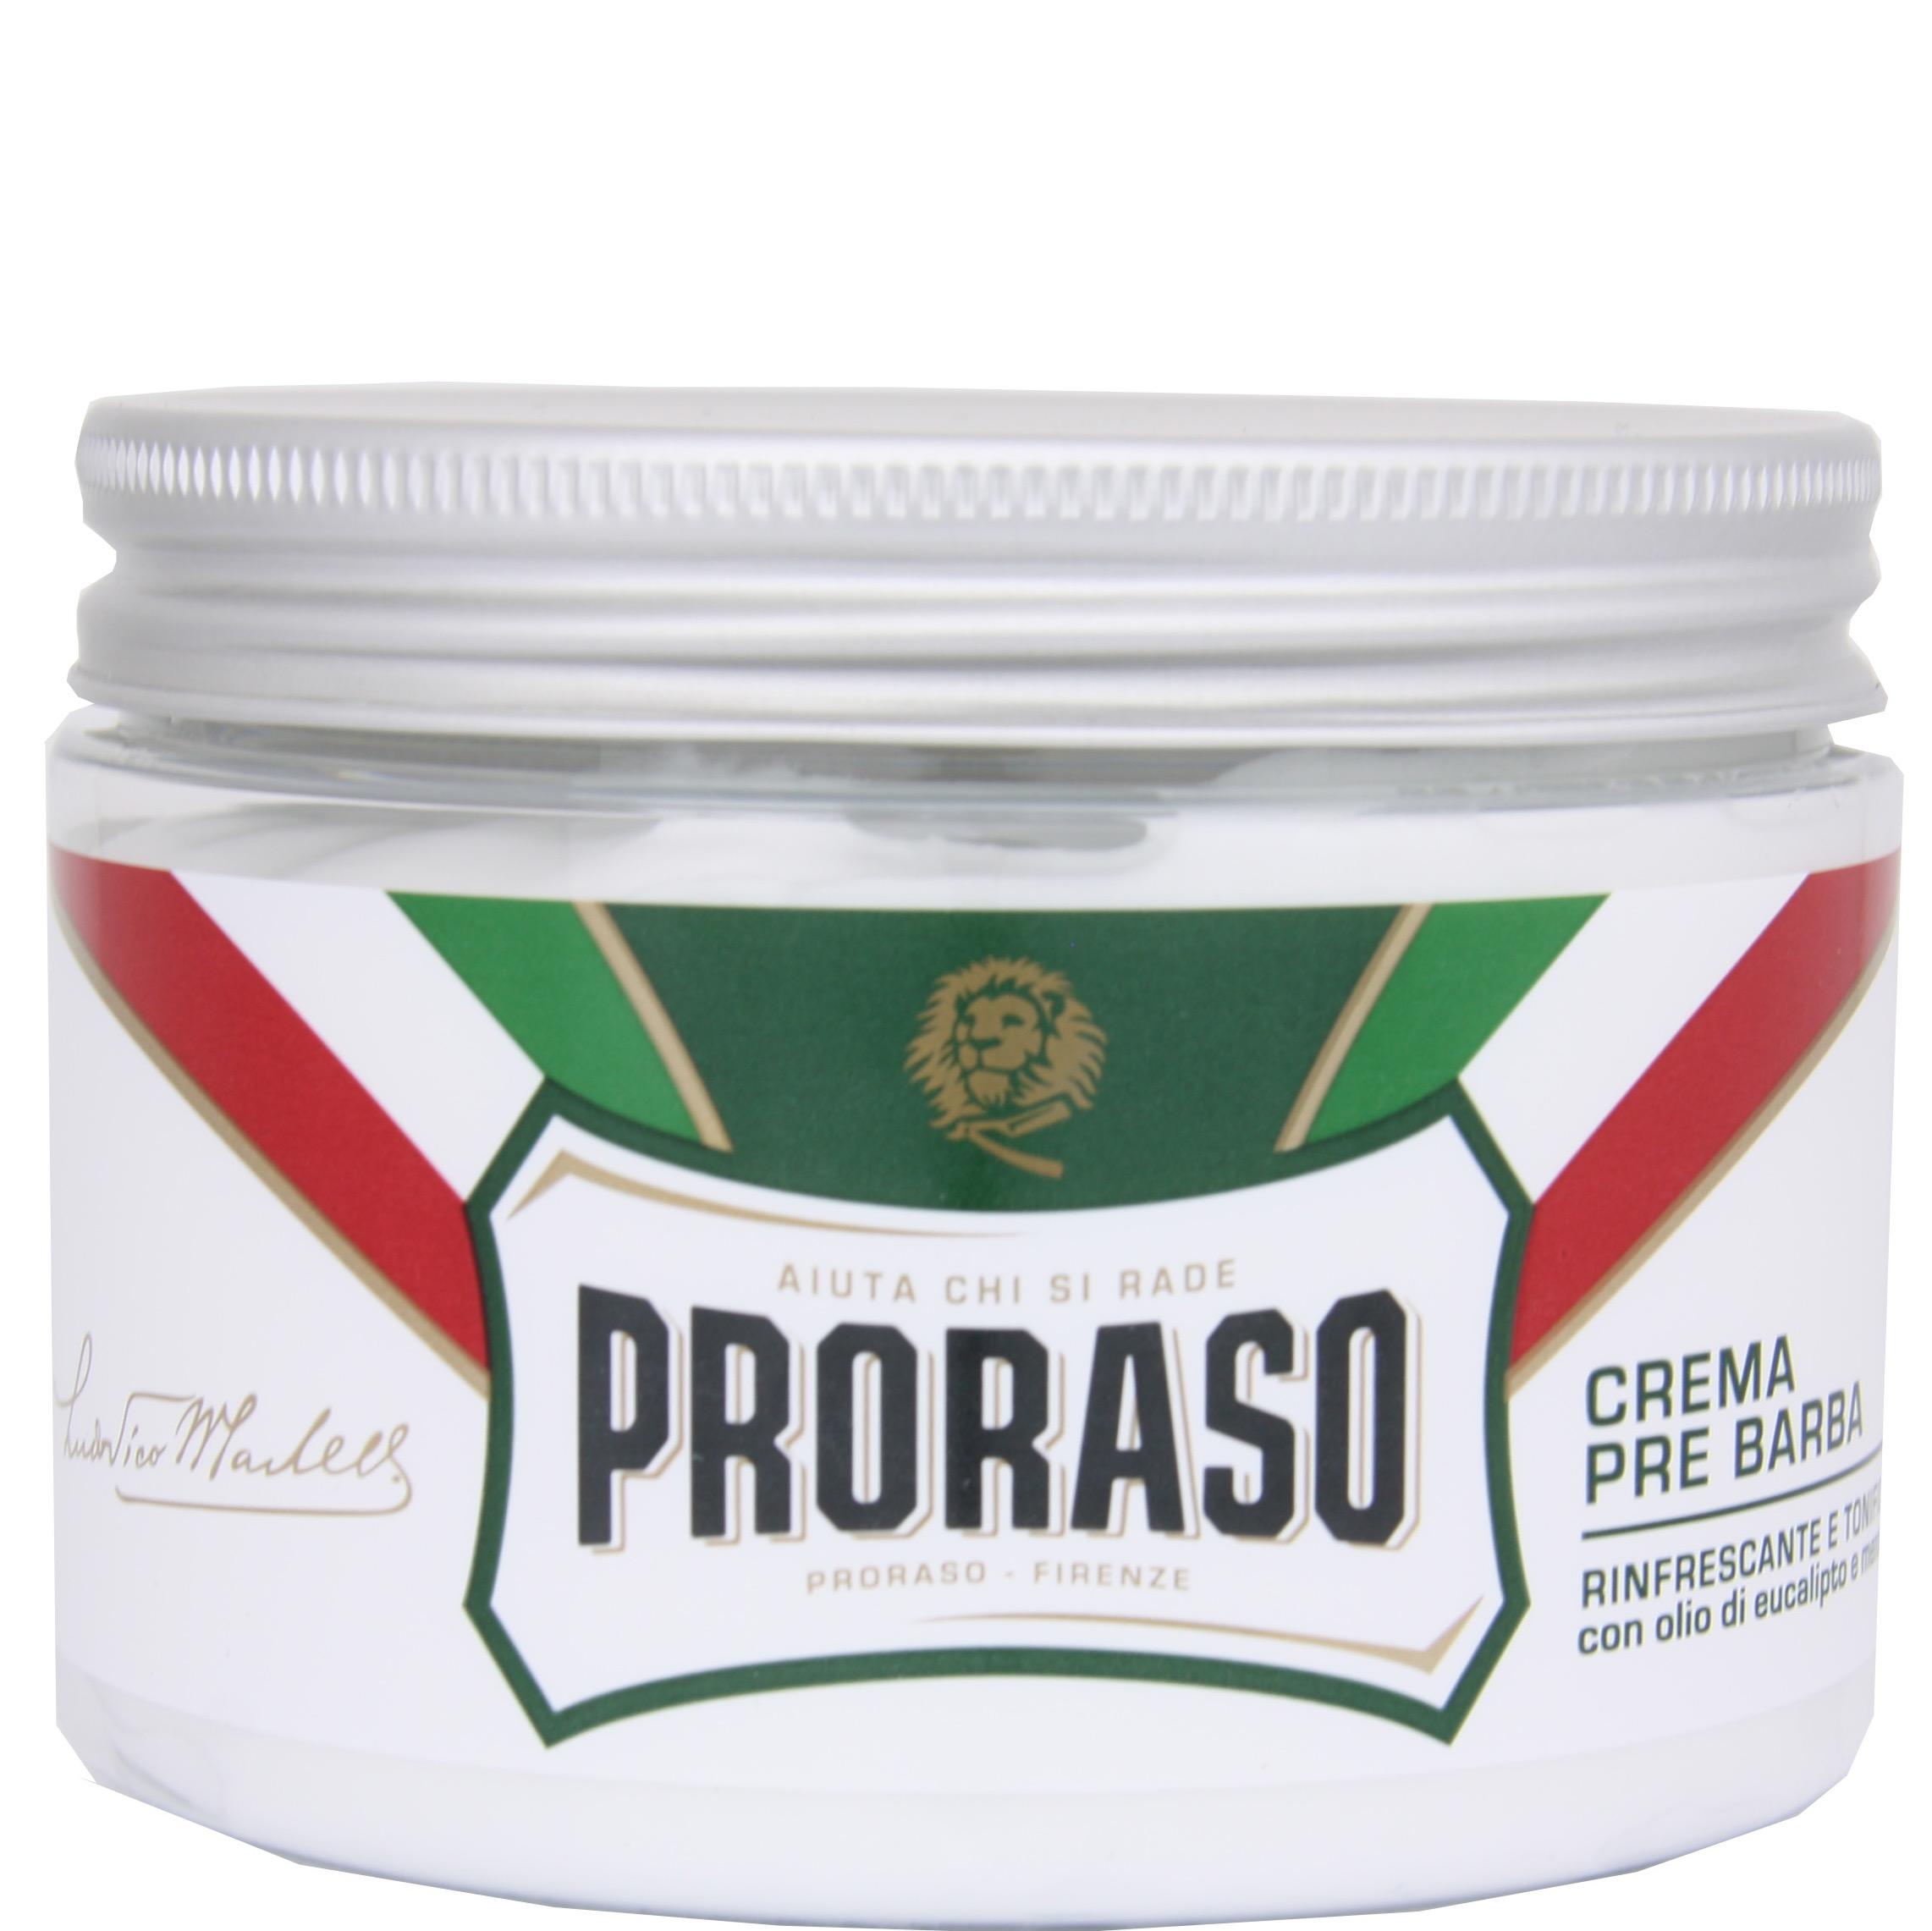 Pre-shave Crème Original